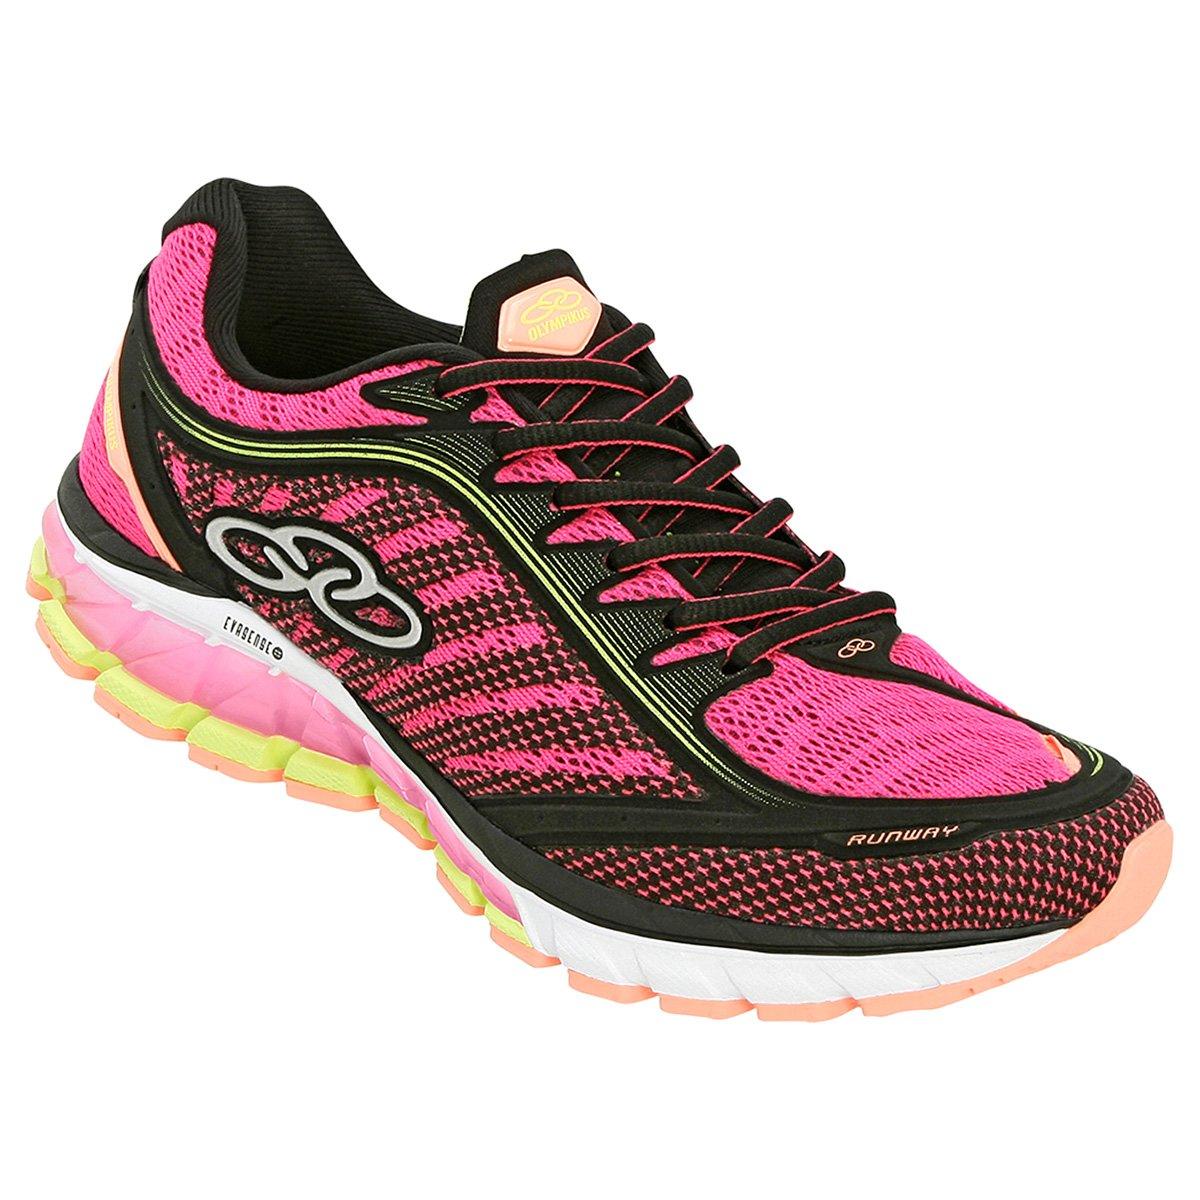 554141a5d5b Tênis Olympikus Runway Feminino